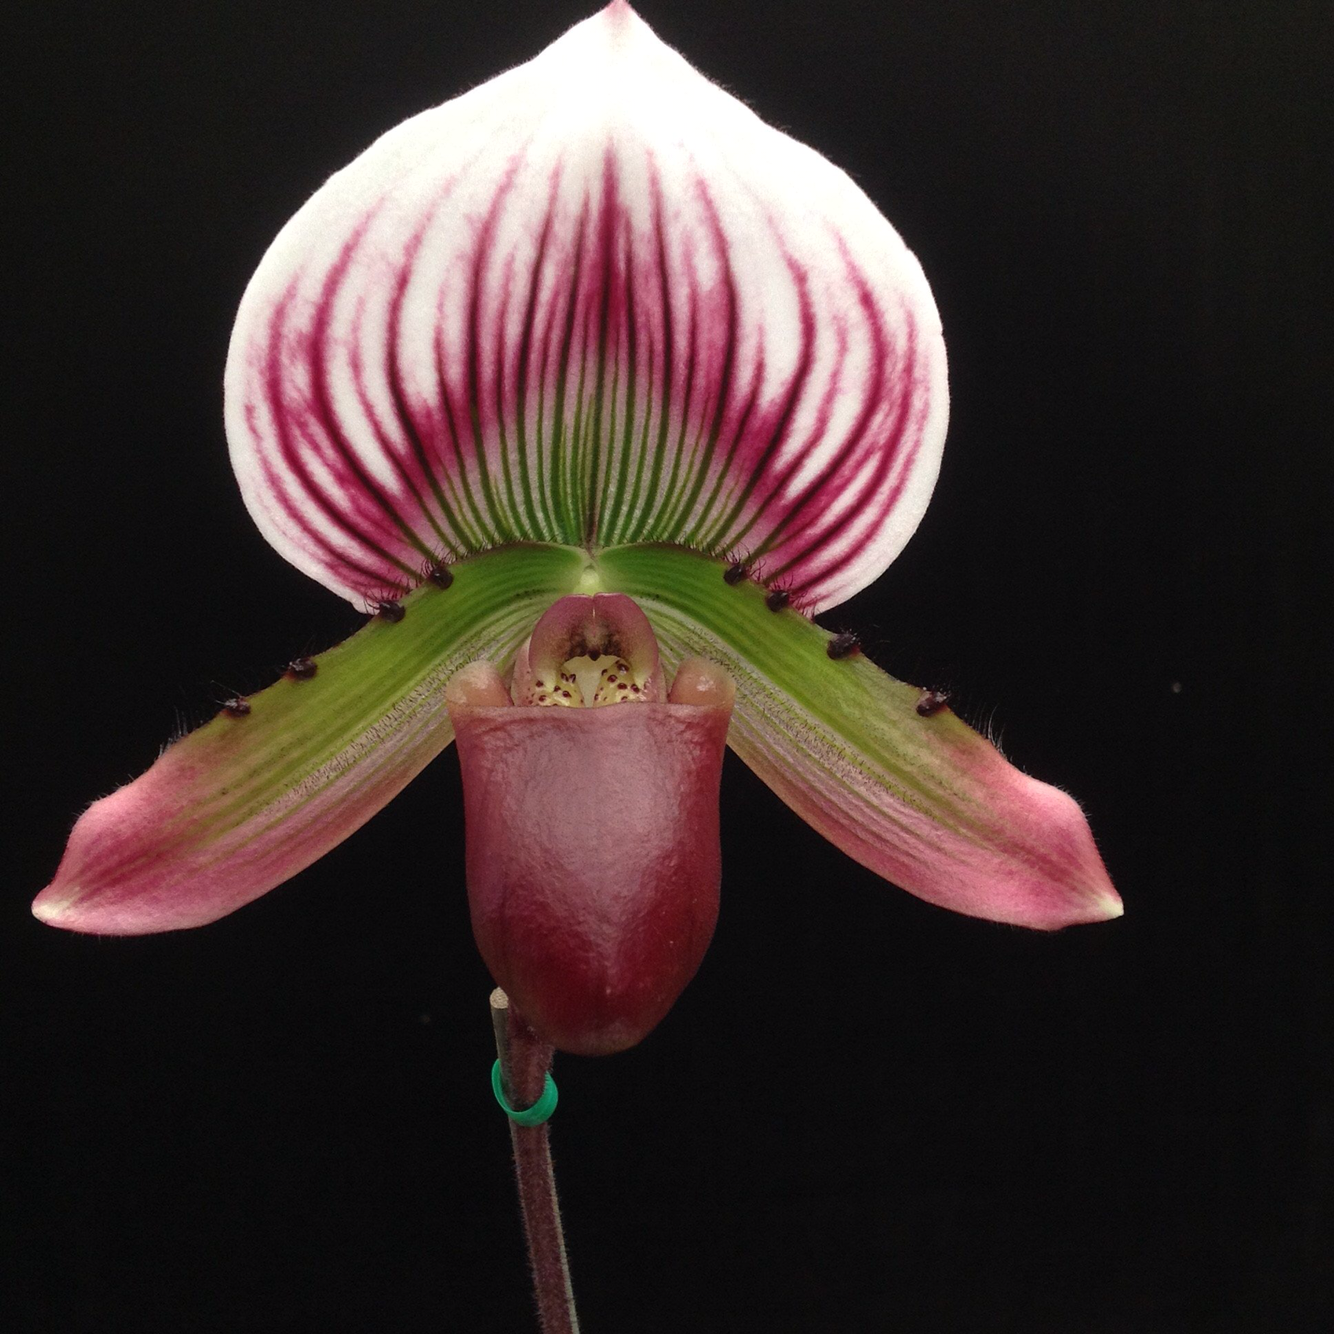 Paphiopedilum maudiae Slipper Orchid